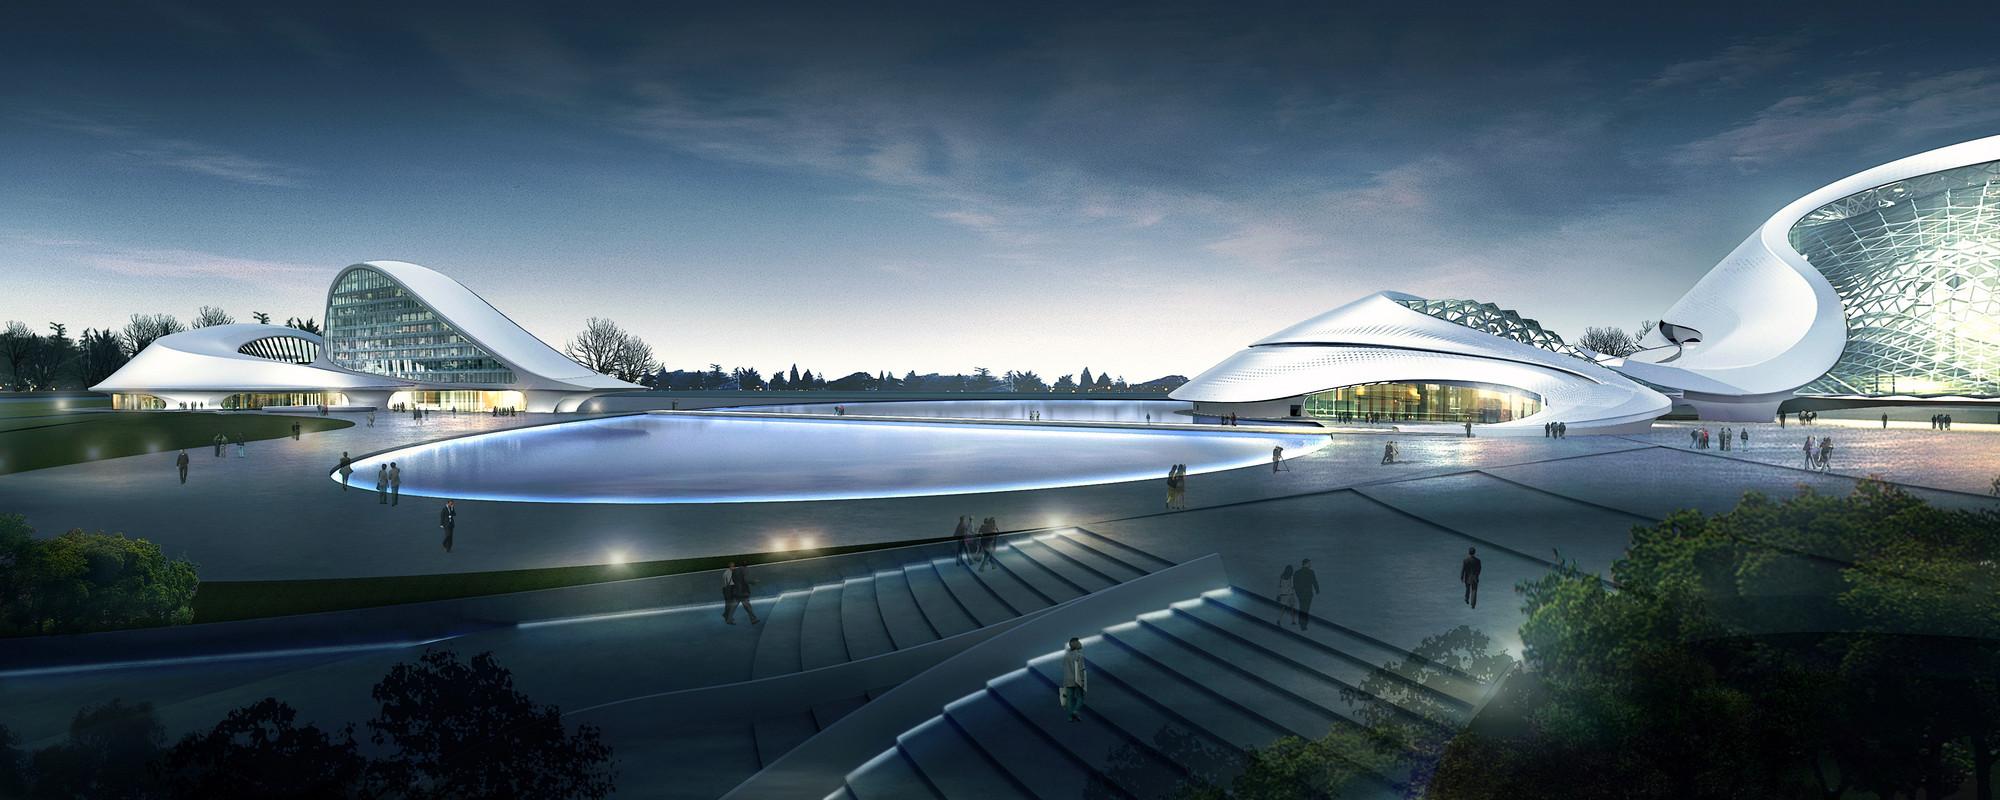 5238c543e8e44e24570001dd_harbin Cultural Center Mad Architects_08_mad_harbin_culture_island_exterior_rendering Jpg on Modern House Architecture Design